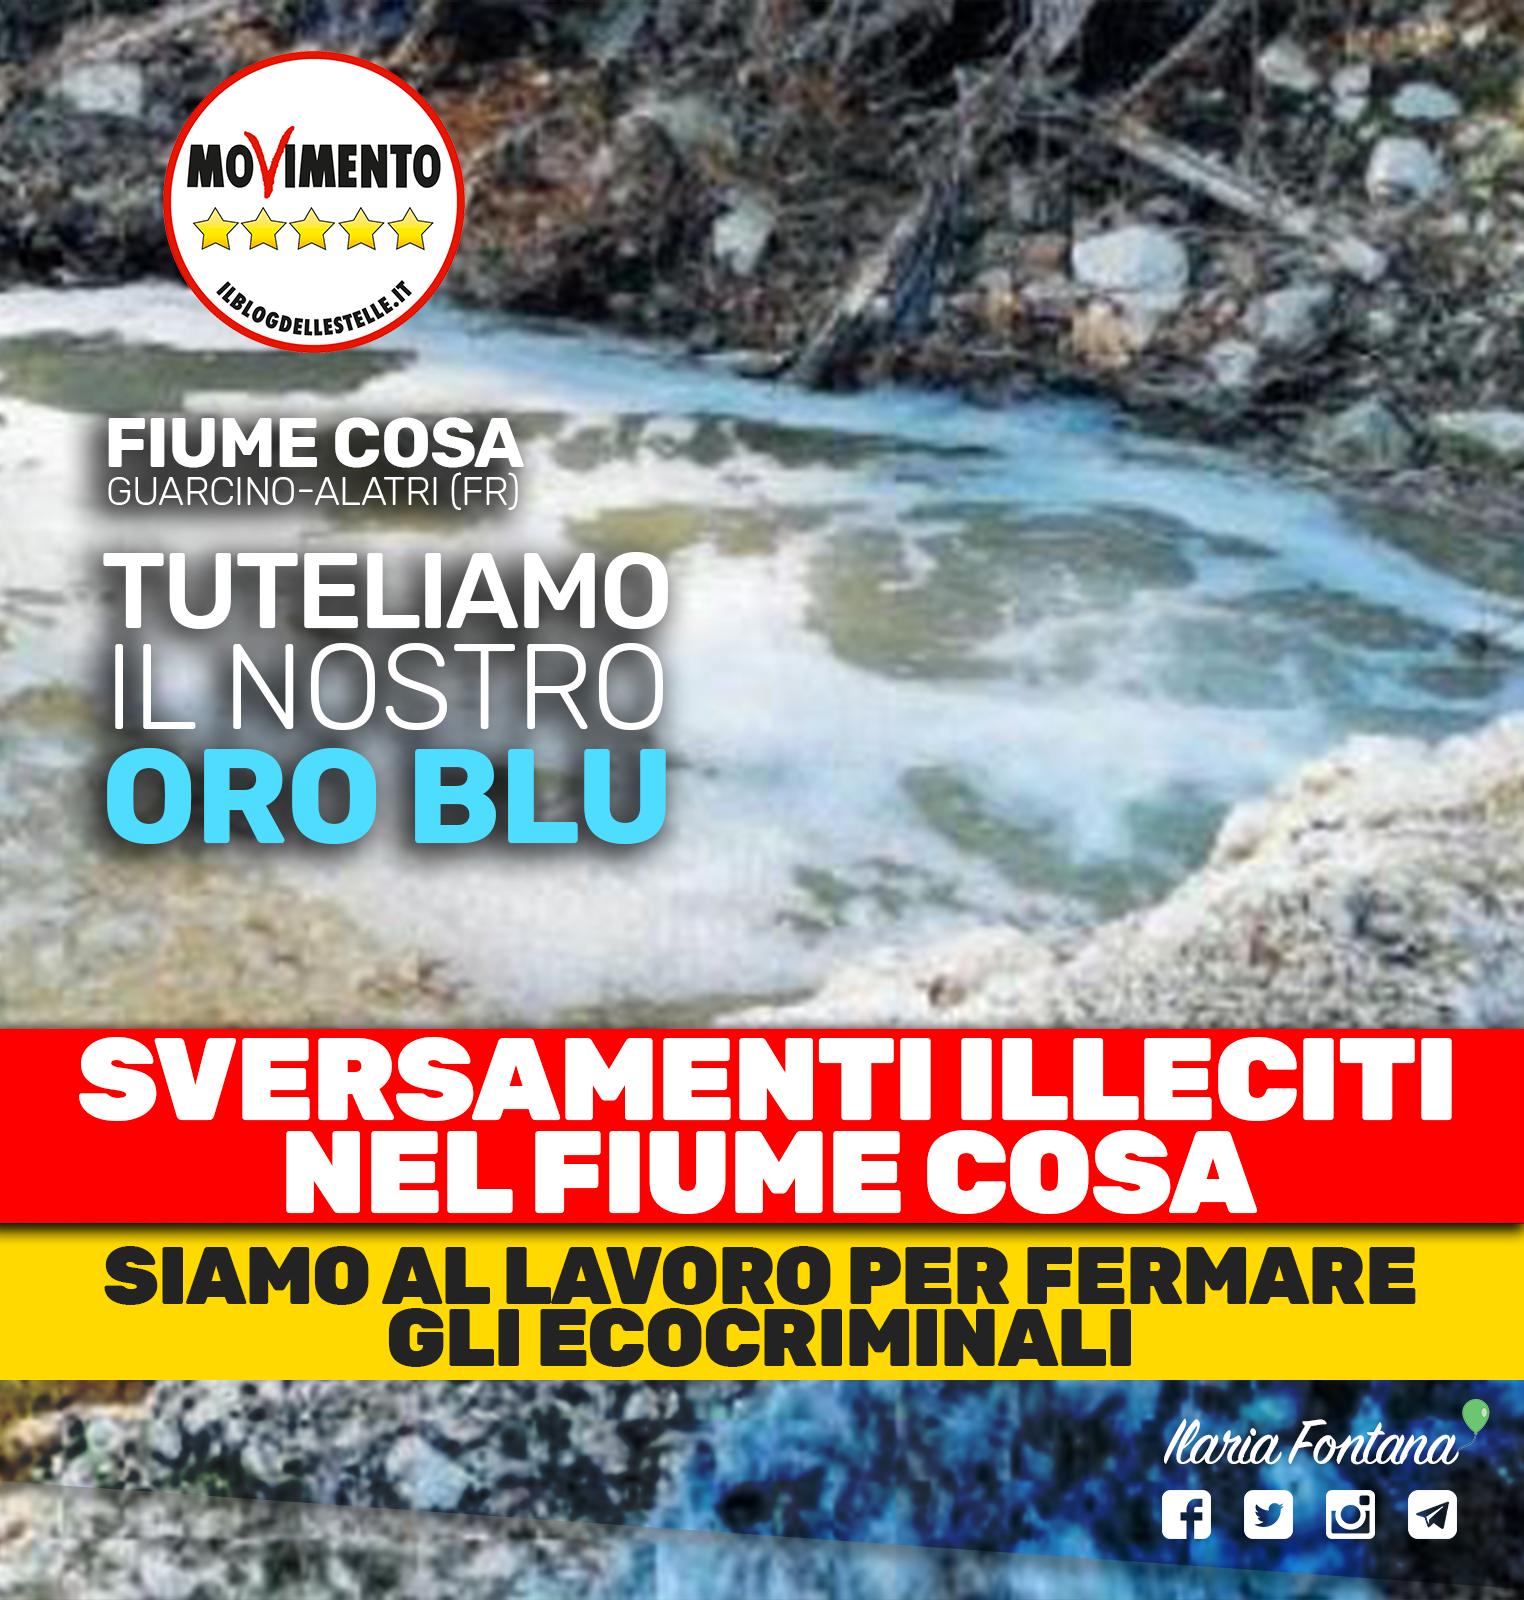 Sversamenti illeciti nel fiume Cosa, siamo al lavoro per fermare gli ecocriminali